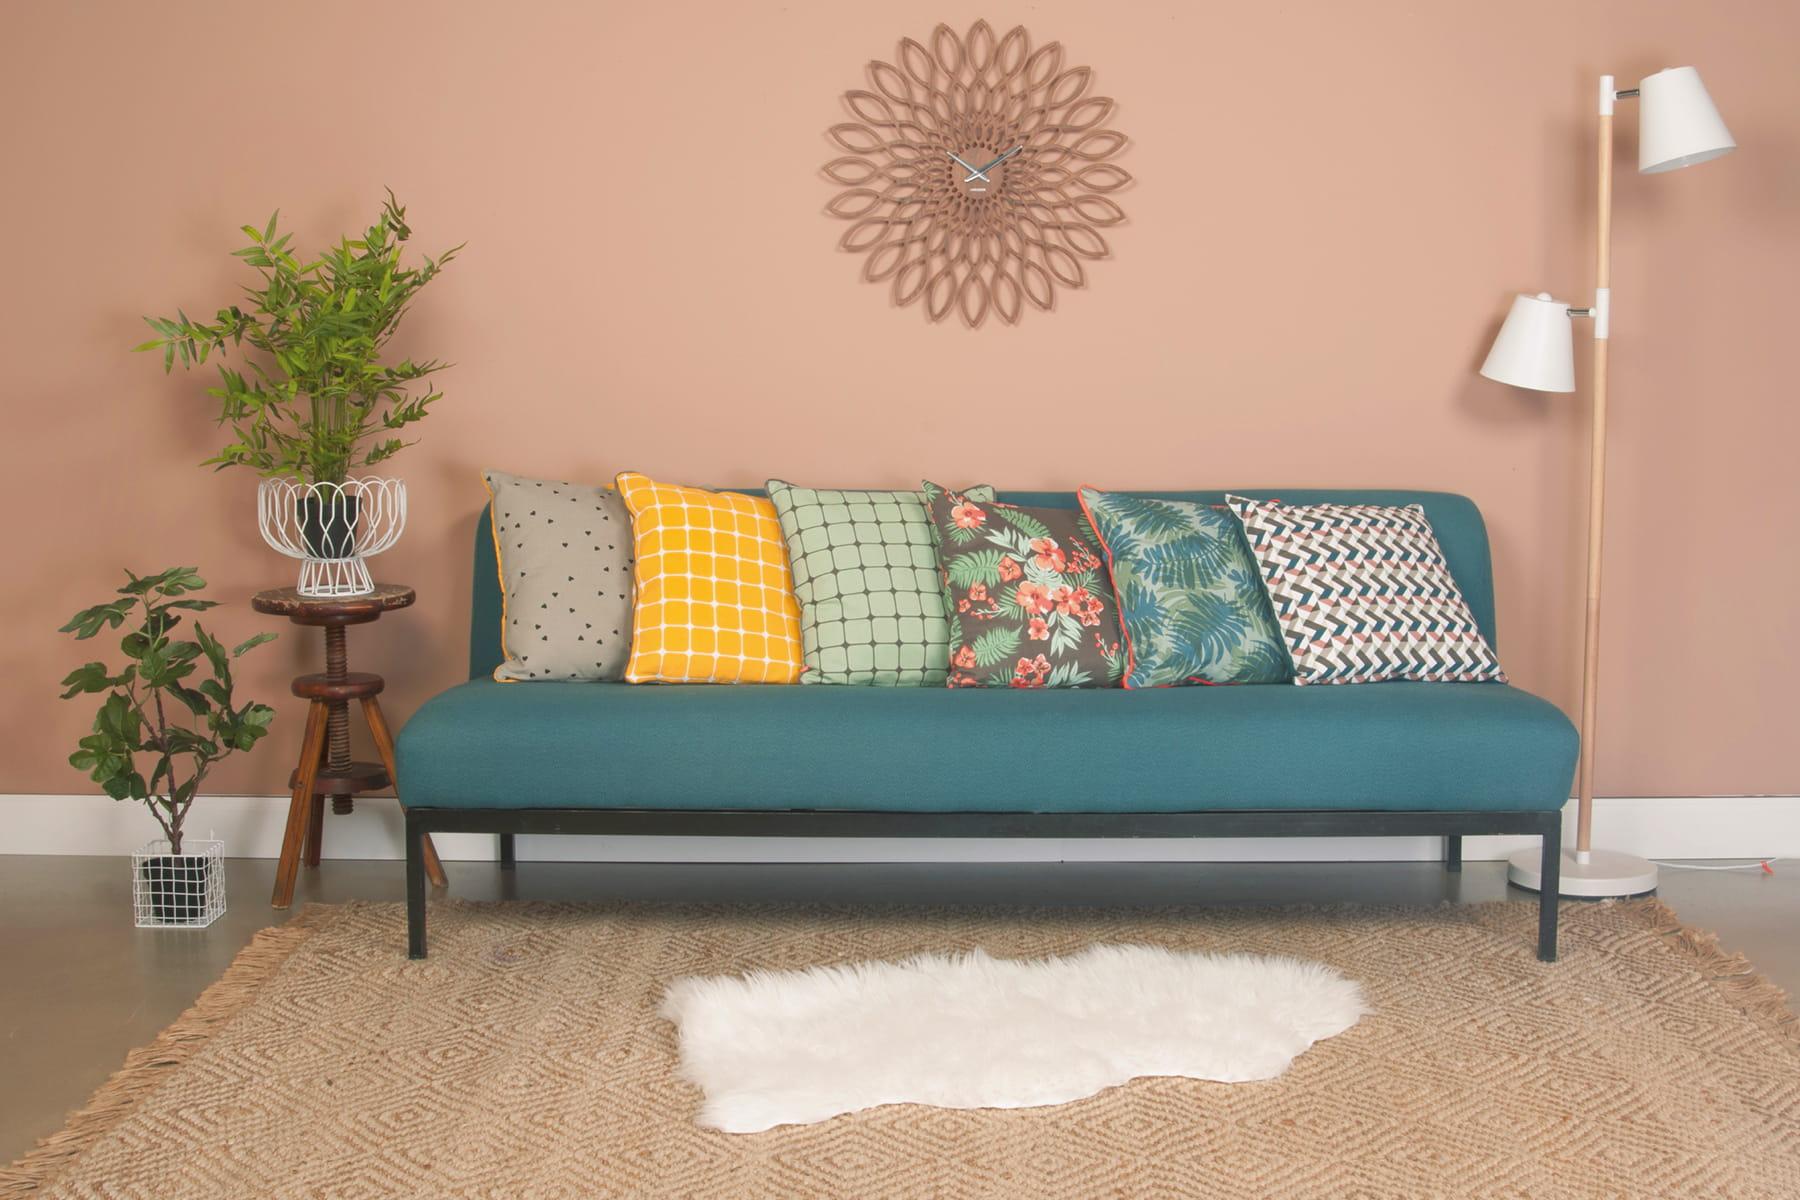 Gayez votre sofa avec de jolis coussins - Gros coussin de canape ...